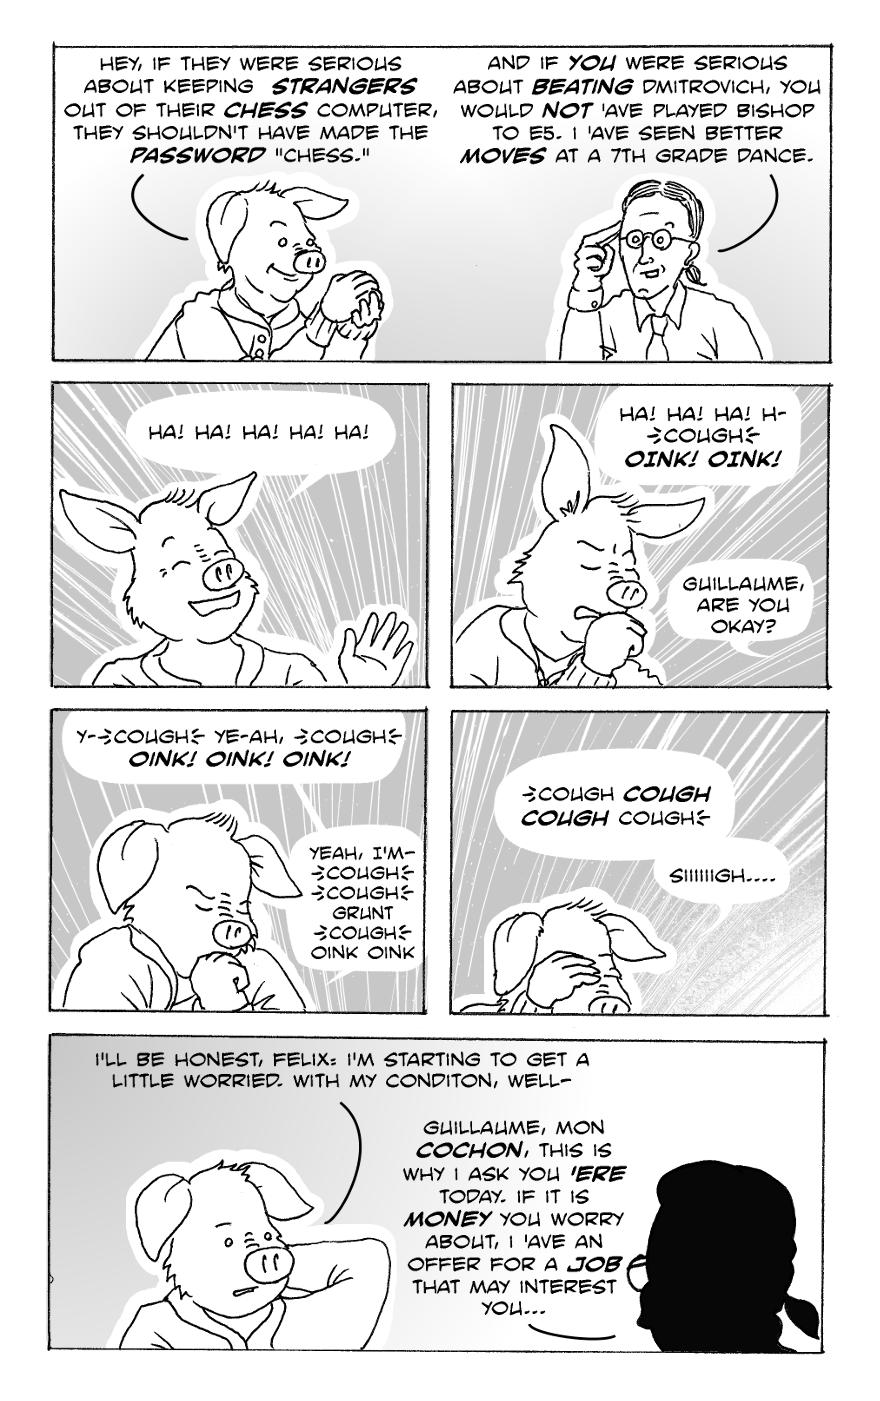 CYBPIG05